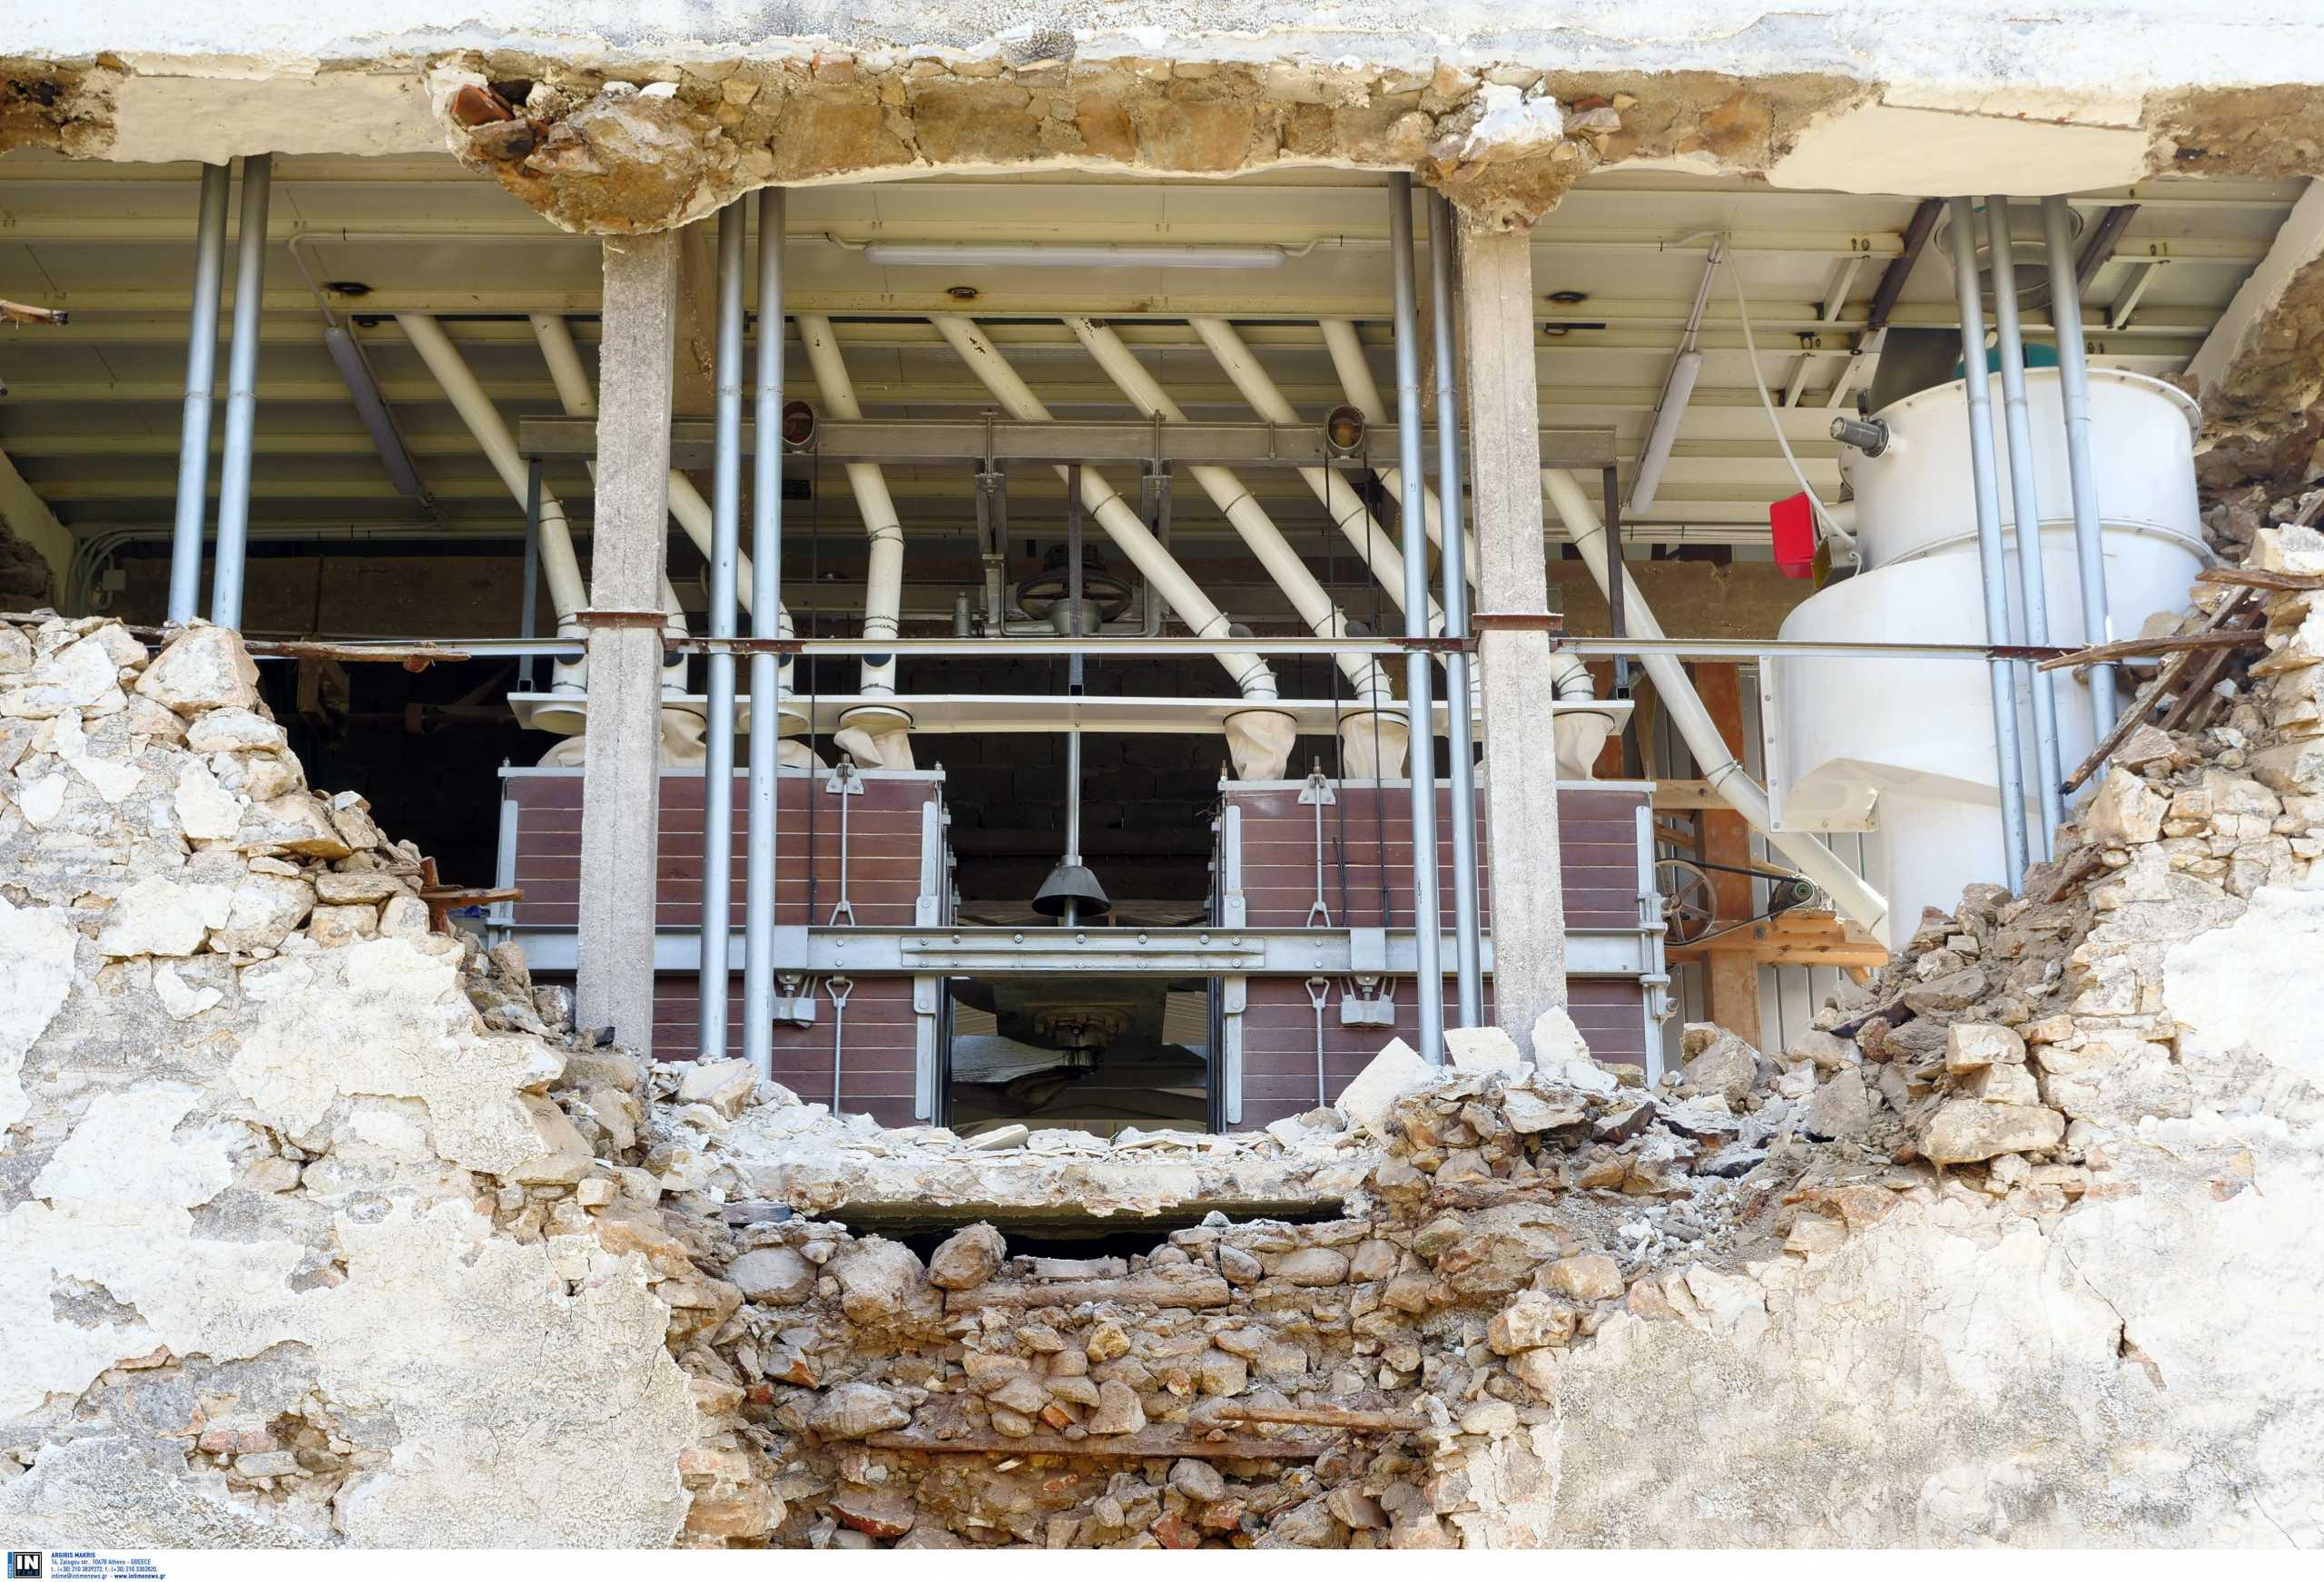 Σεισμός – Ελασσόνα: Σκύλοι, πουλιά και αγελάδες «προειδοποιούσαν» για το ισχυρό χτύπημα του εγκέλαδου